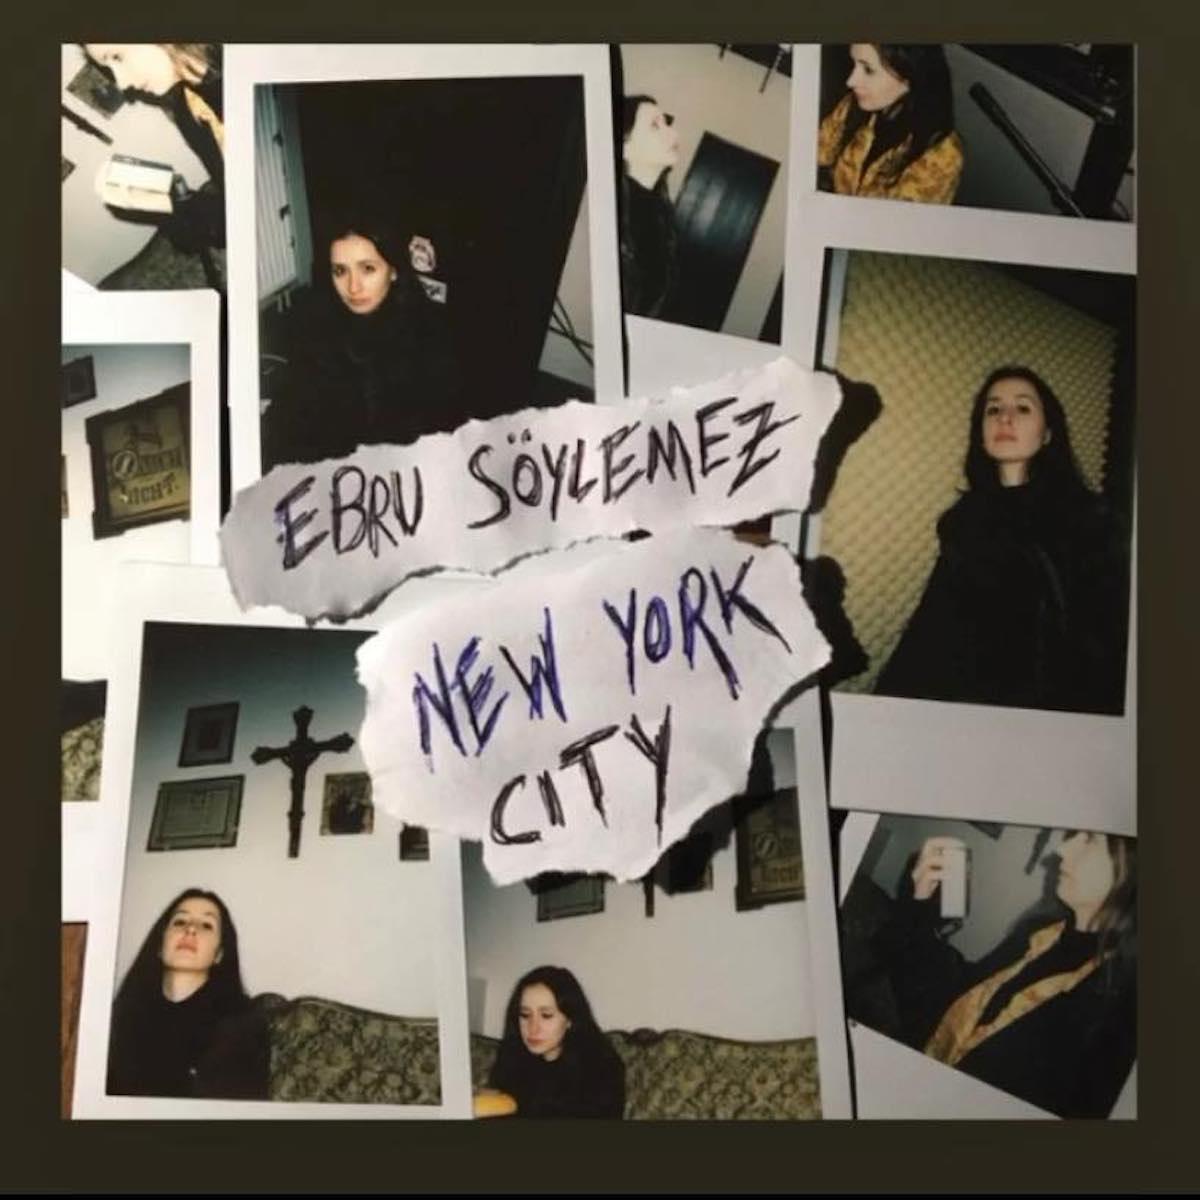 Ebru Söylemez - New York City